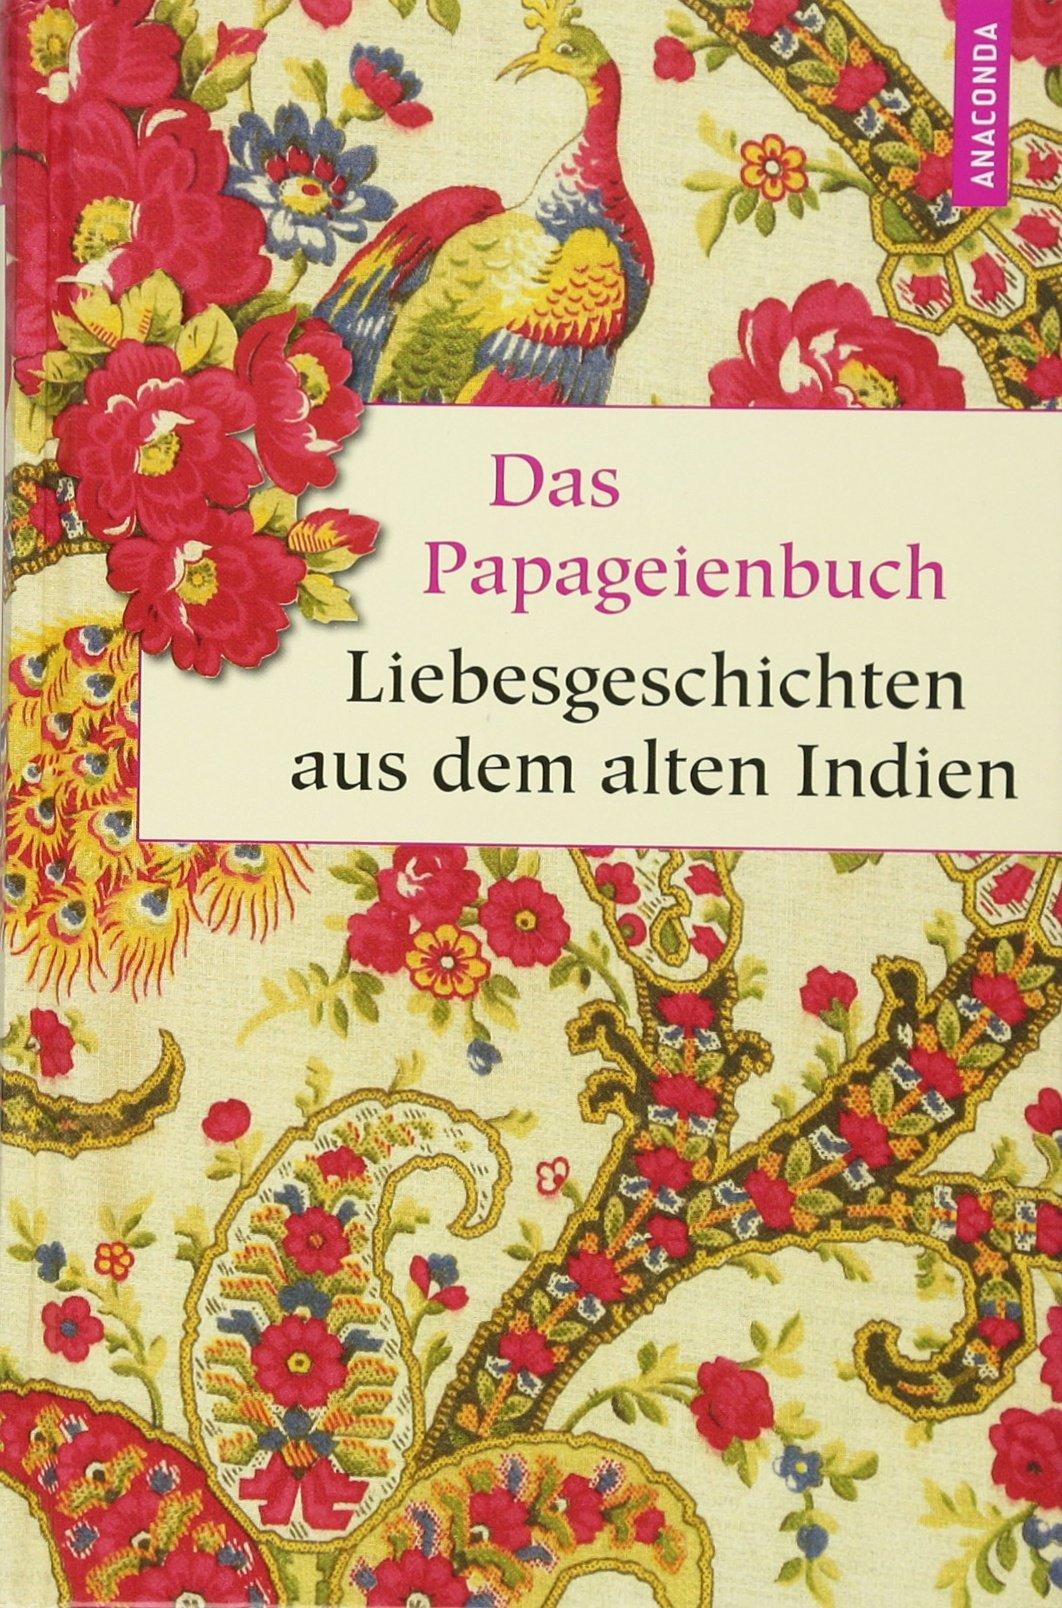 Das Papageienbuch   Liebesgeschichten Aus Dem Alten Indien  Geschenkbuch Weisheit